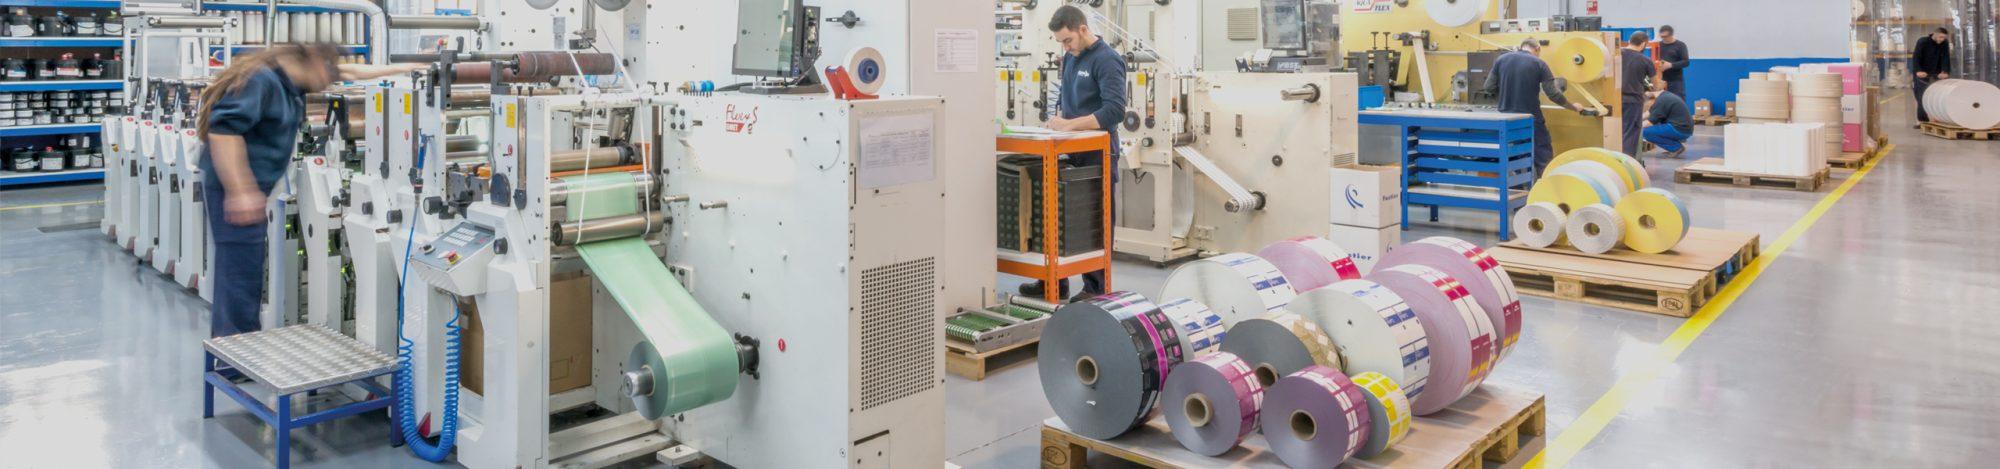 fustier fabricacion de etiquetas tecnologias máquina de flexo uv